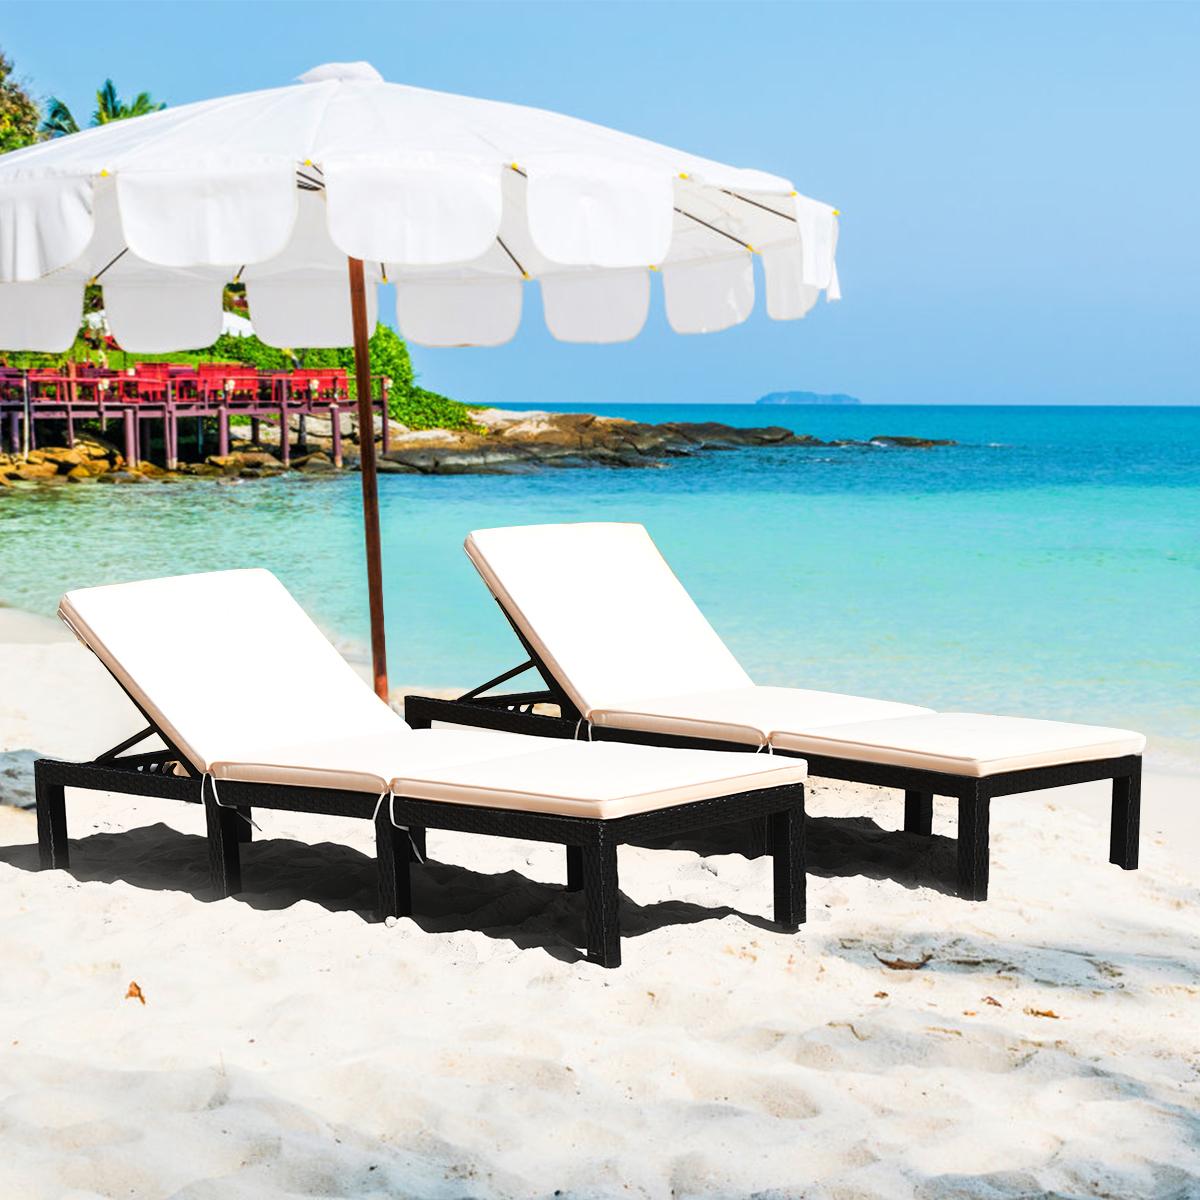 chaise longue pliable chaise longue d exterieur reglable de plage ou piscine marque gymax